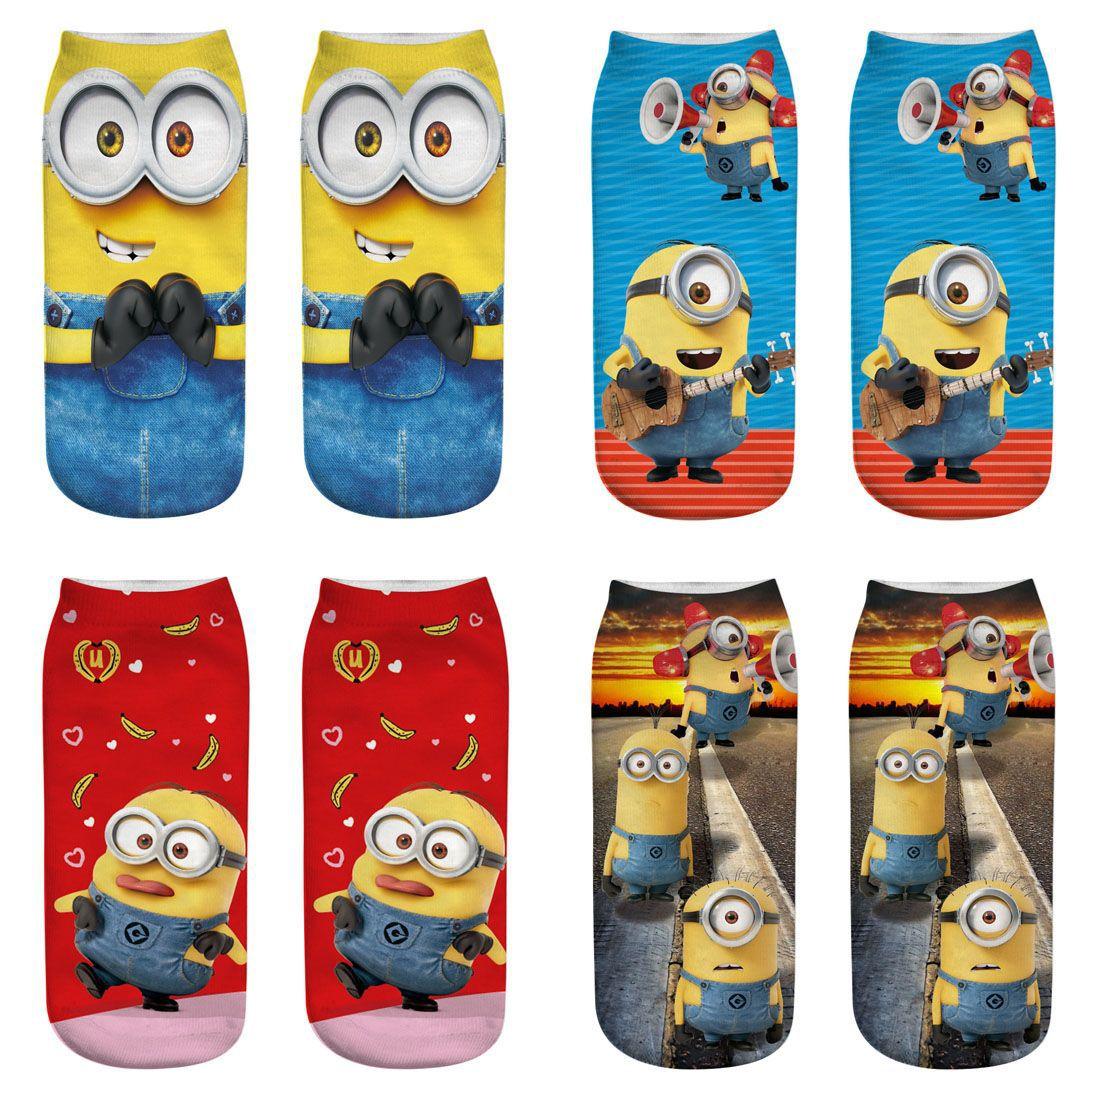 New Minions Series 3D Printing Socks